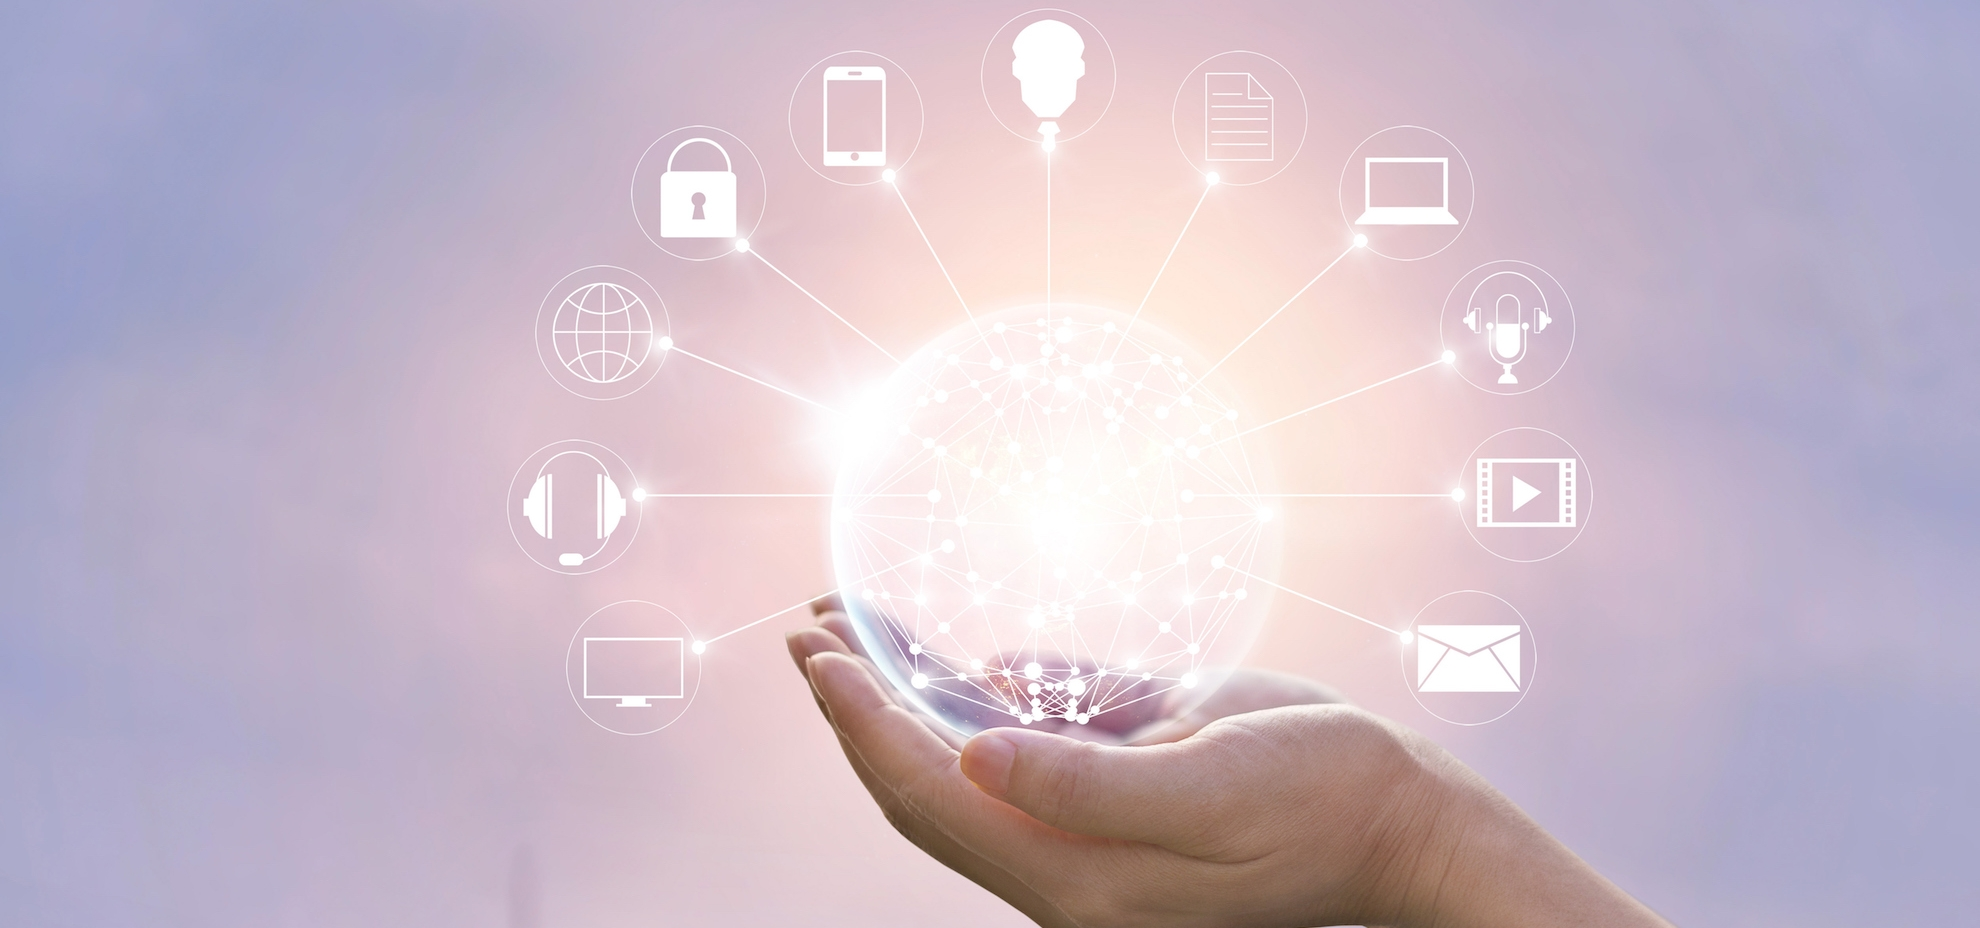 Bildungsinstitutionen ... Wie nutzen wir die Chancen der Digitalisierung?